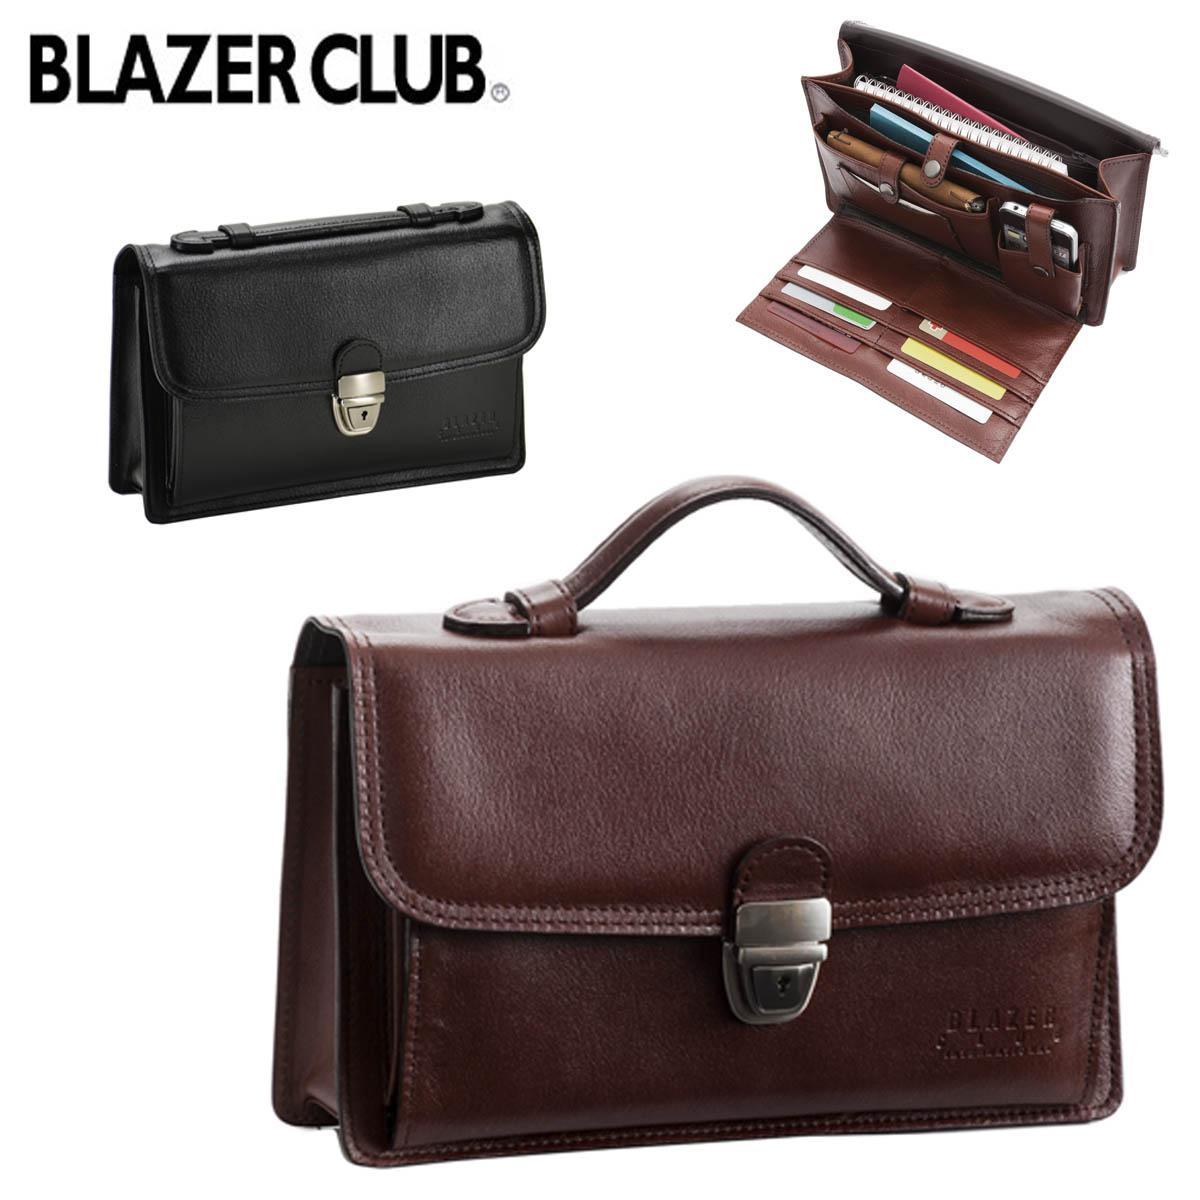 セカンドバッグ BLAZER CLUB ブレザークラブ No:25827 スマホ サイフ カード等の持ち運びに 整理し易い 使い込む程に味が出る 牛革素材 日本製 鞄倶楽部